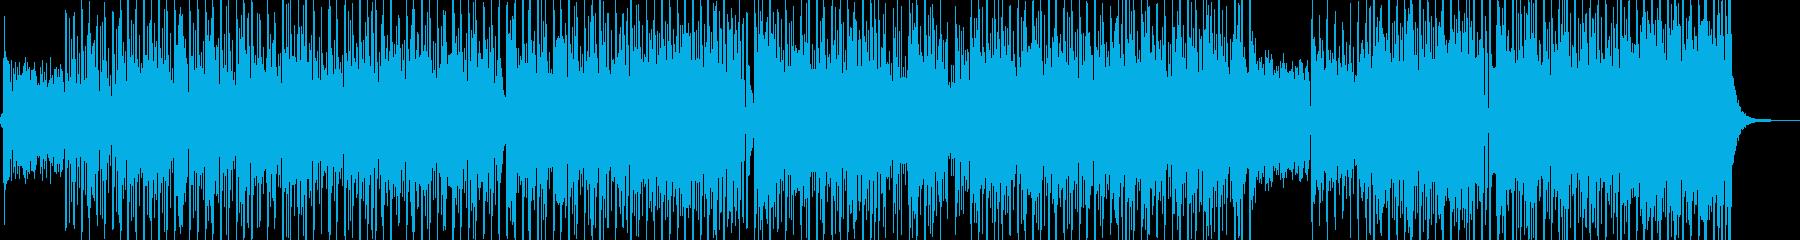 遥かなる旅の門出・踊れる和風テクノ Bの再生済みの波形